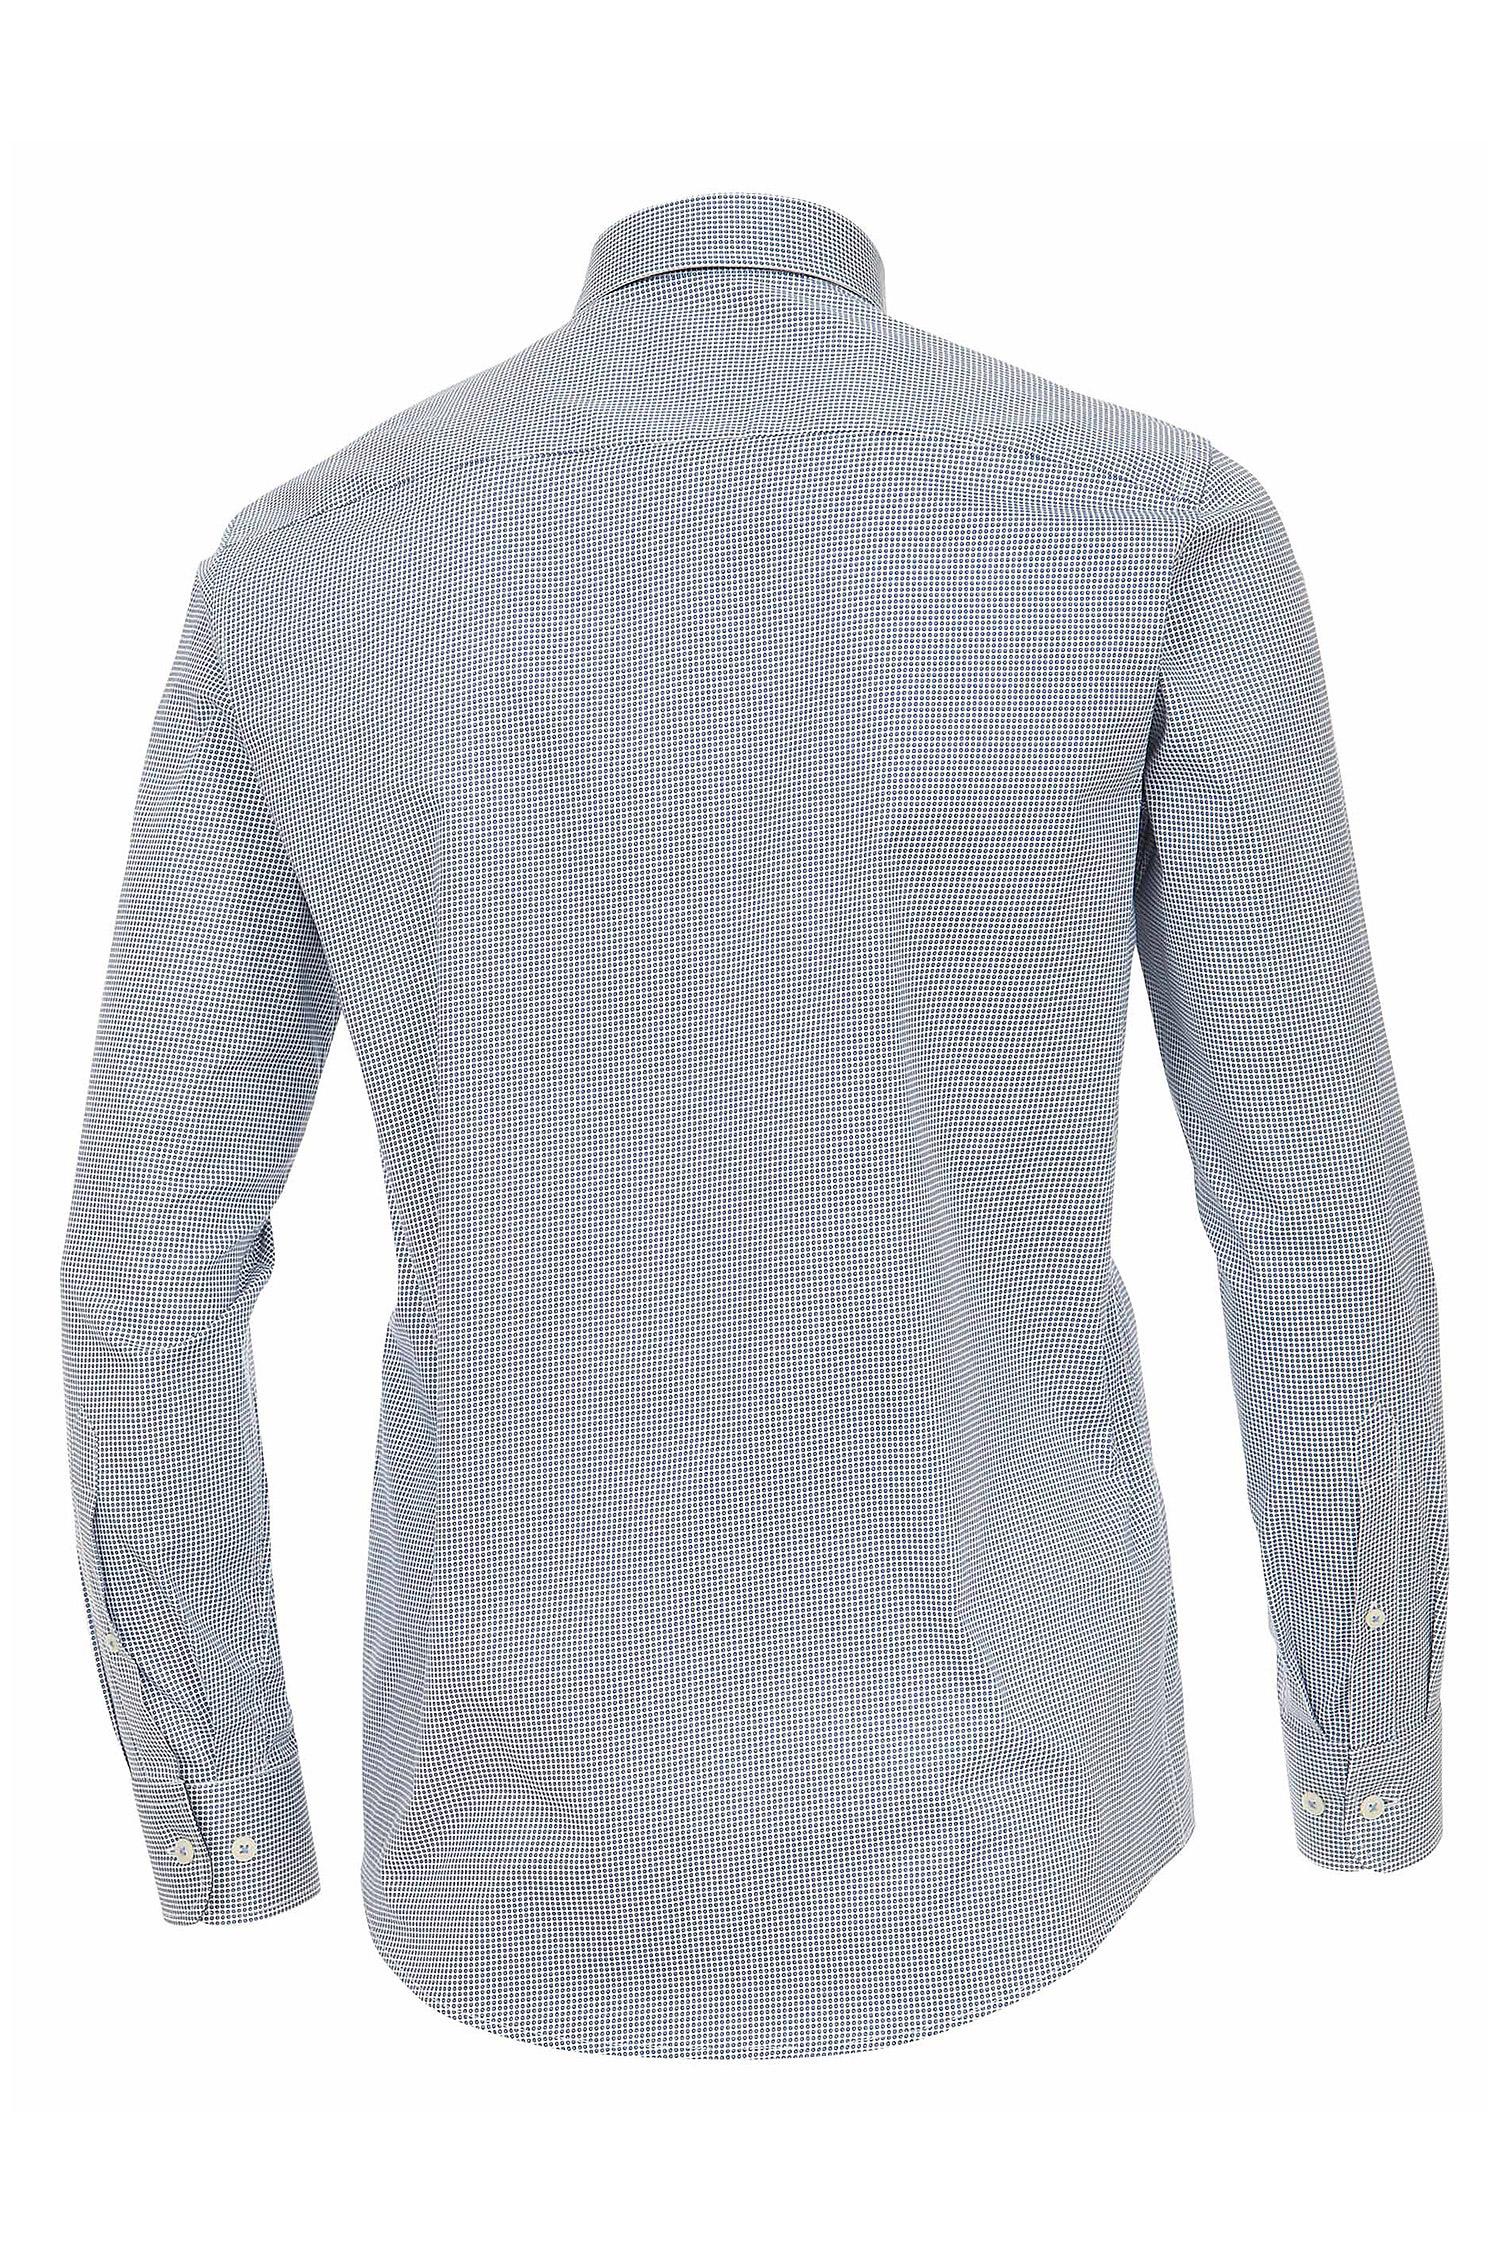 Camisas, Sport Manga Larga, 109223, DUCADOS | Zoom